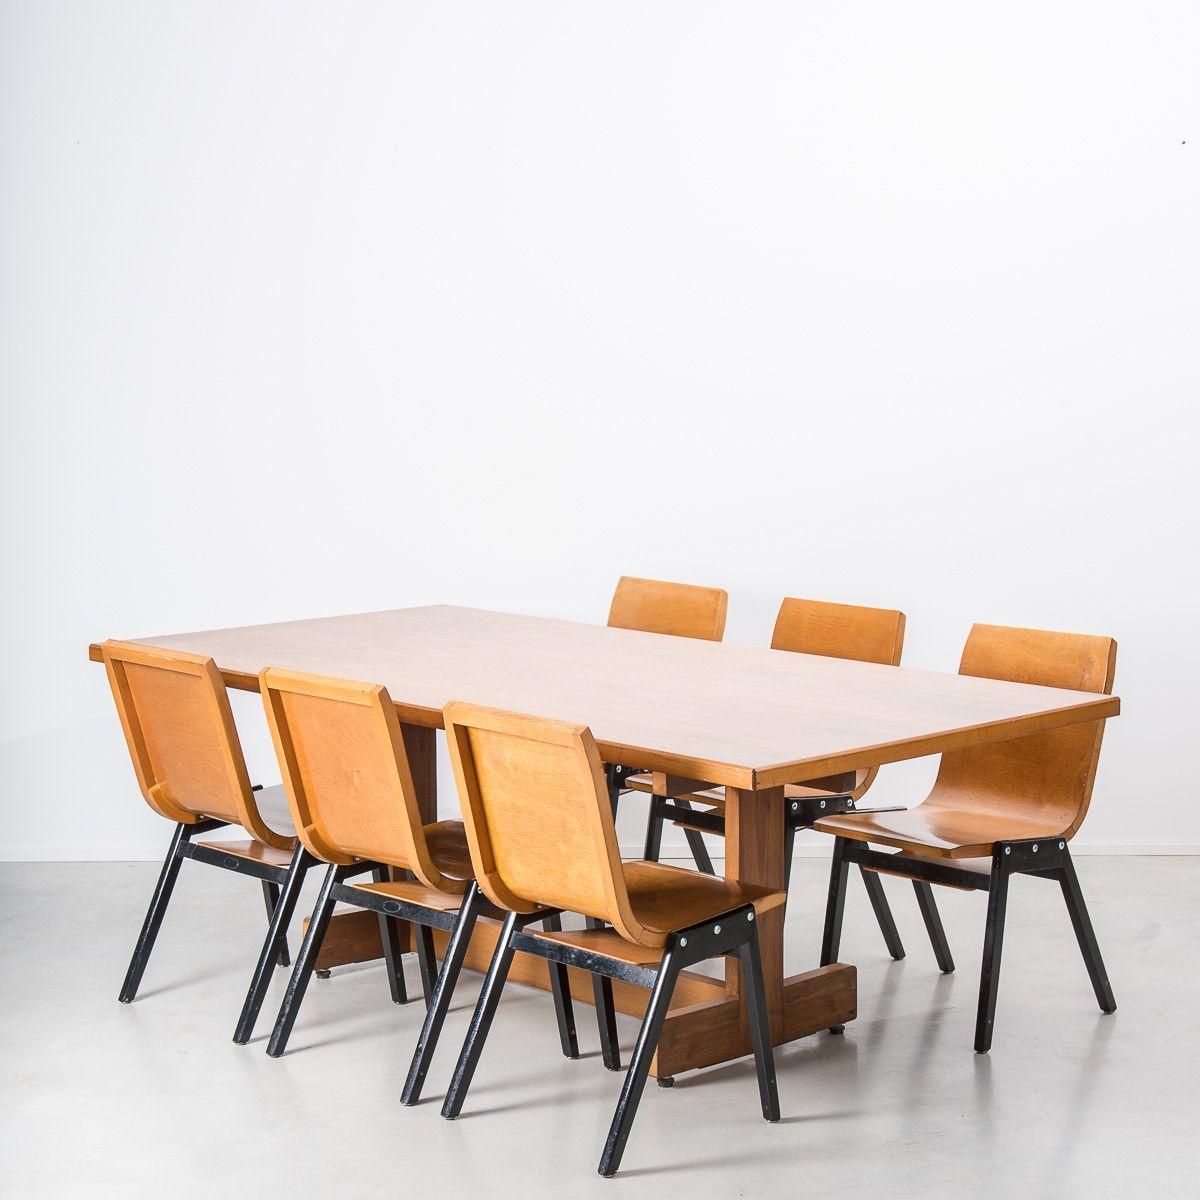 Chaise en bois courb par roland rainer pour e a pollack suisse 1956 - Chaise design suisse ...